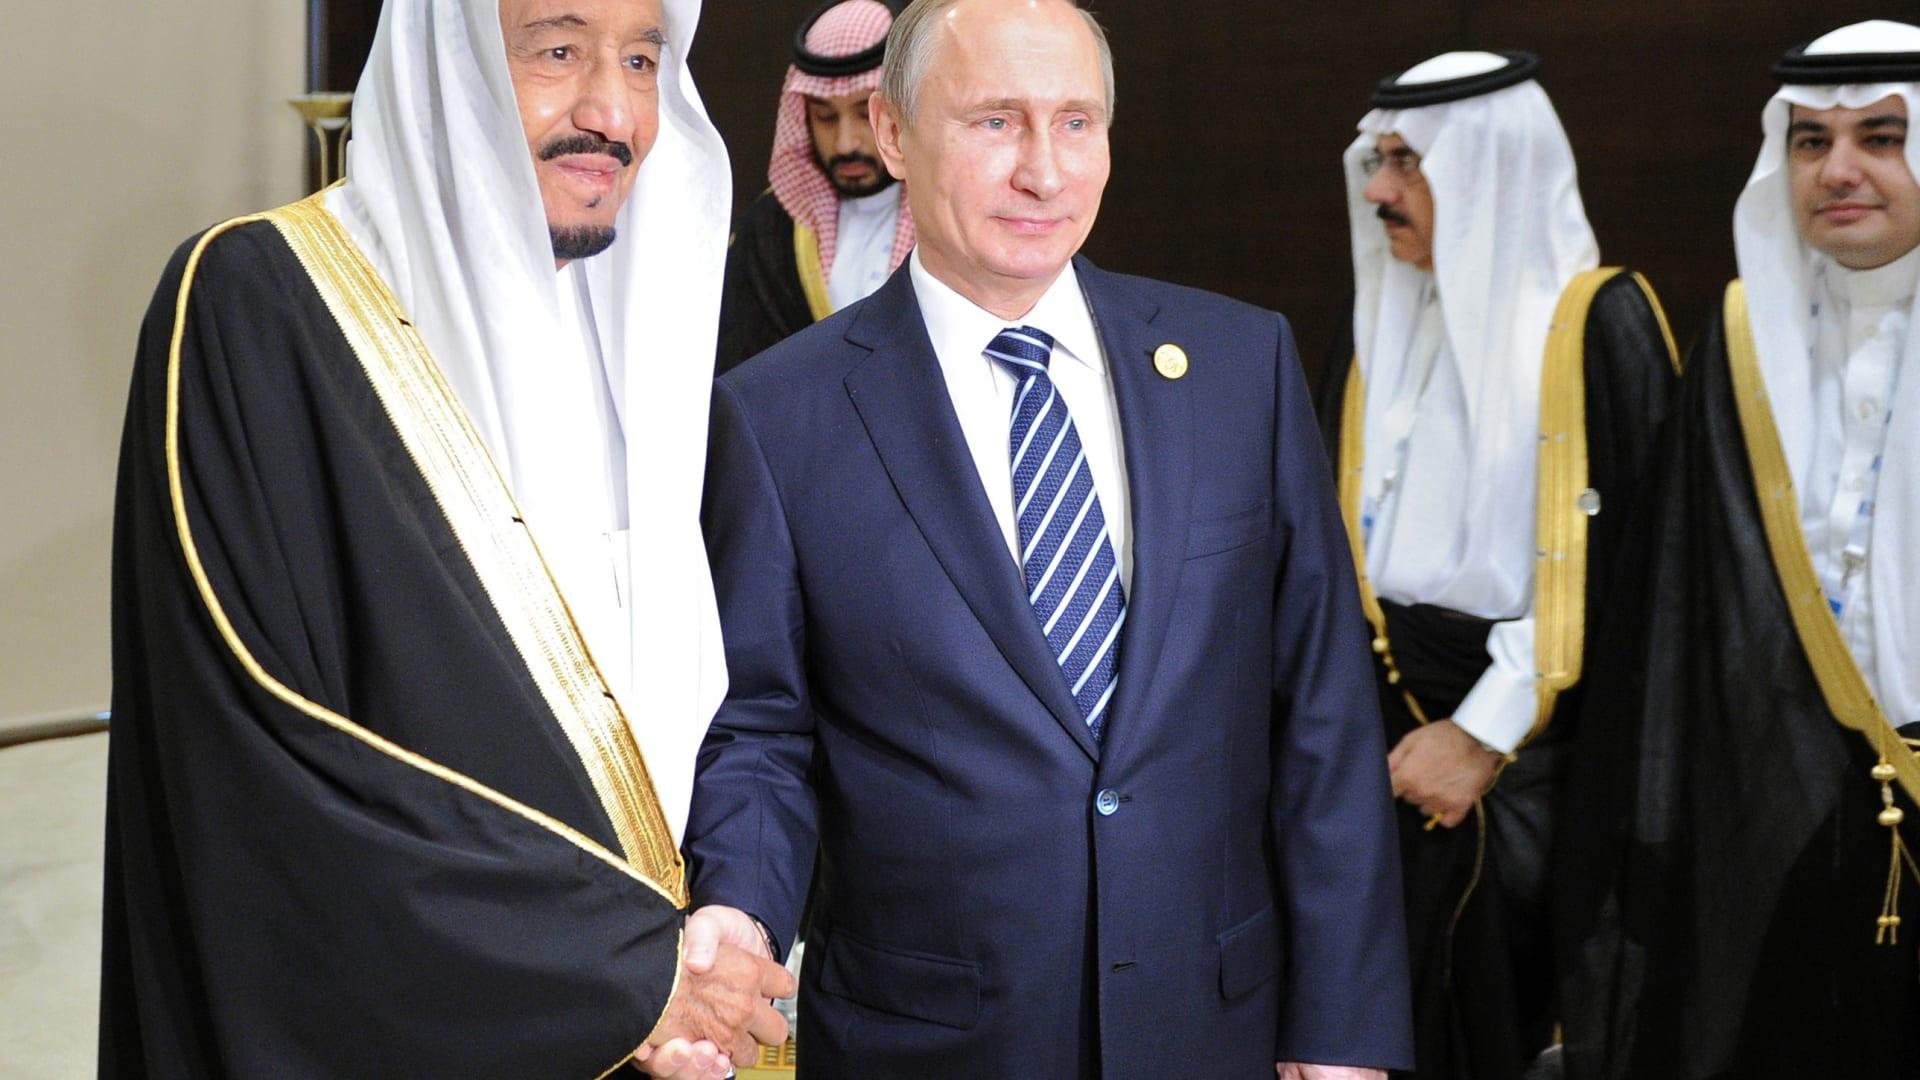 اتفاق سعودي روسي على التعاون في مجال الطاقة الذرية السلمية